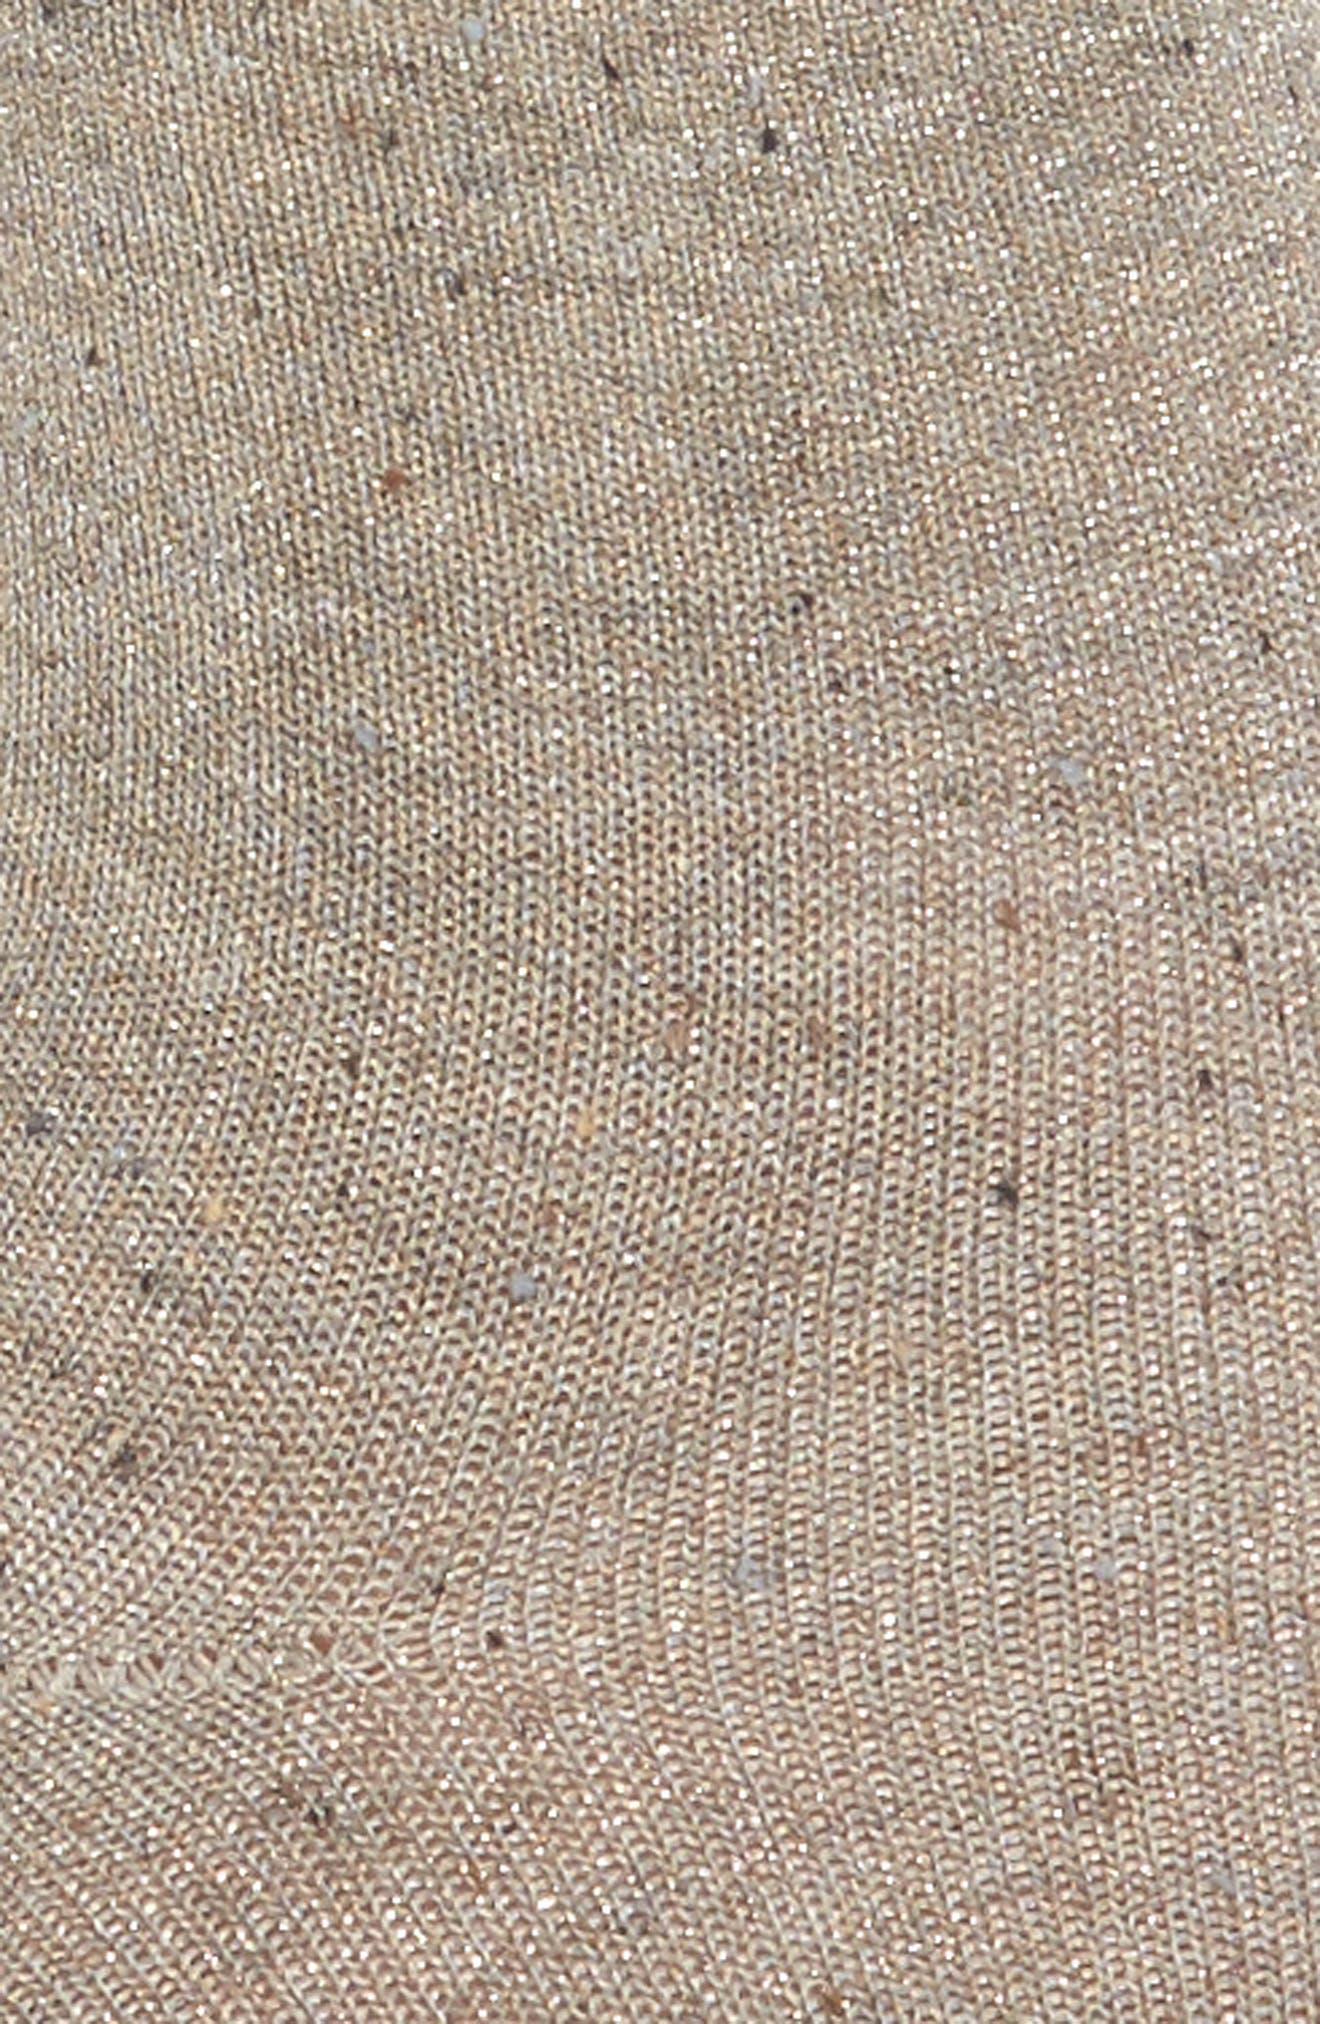 Alternate Image 2  - Lemon Metallic Tweed Ankle Socks